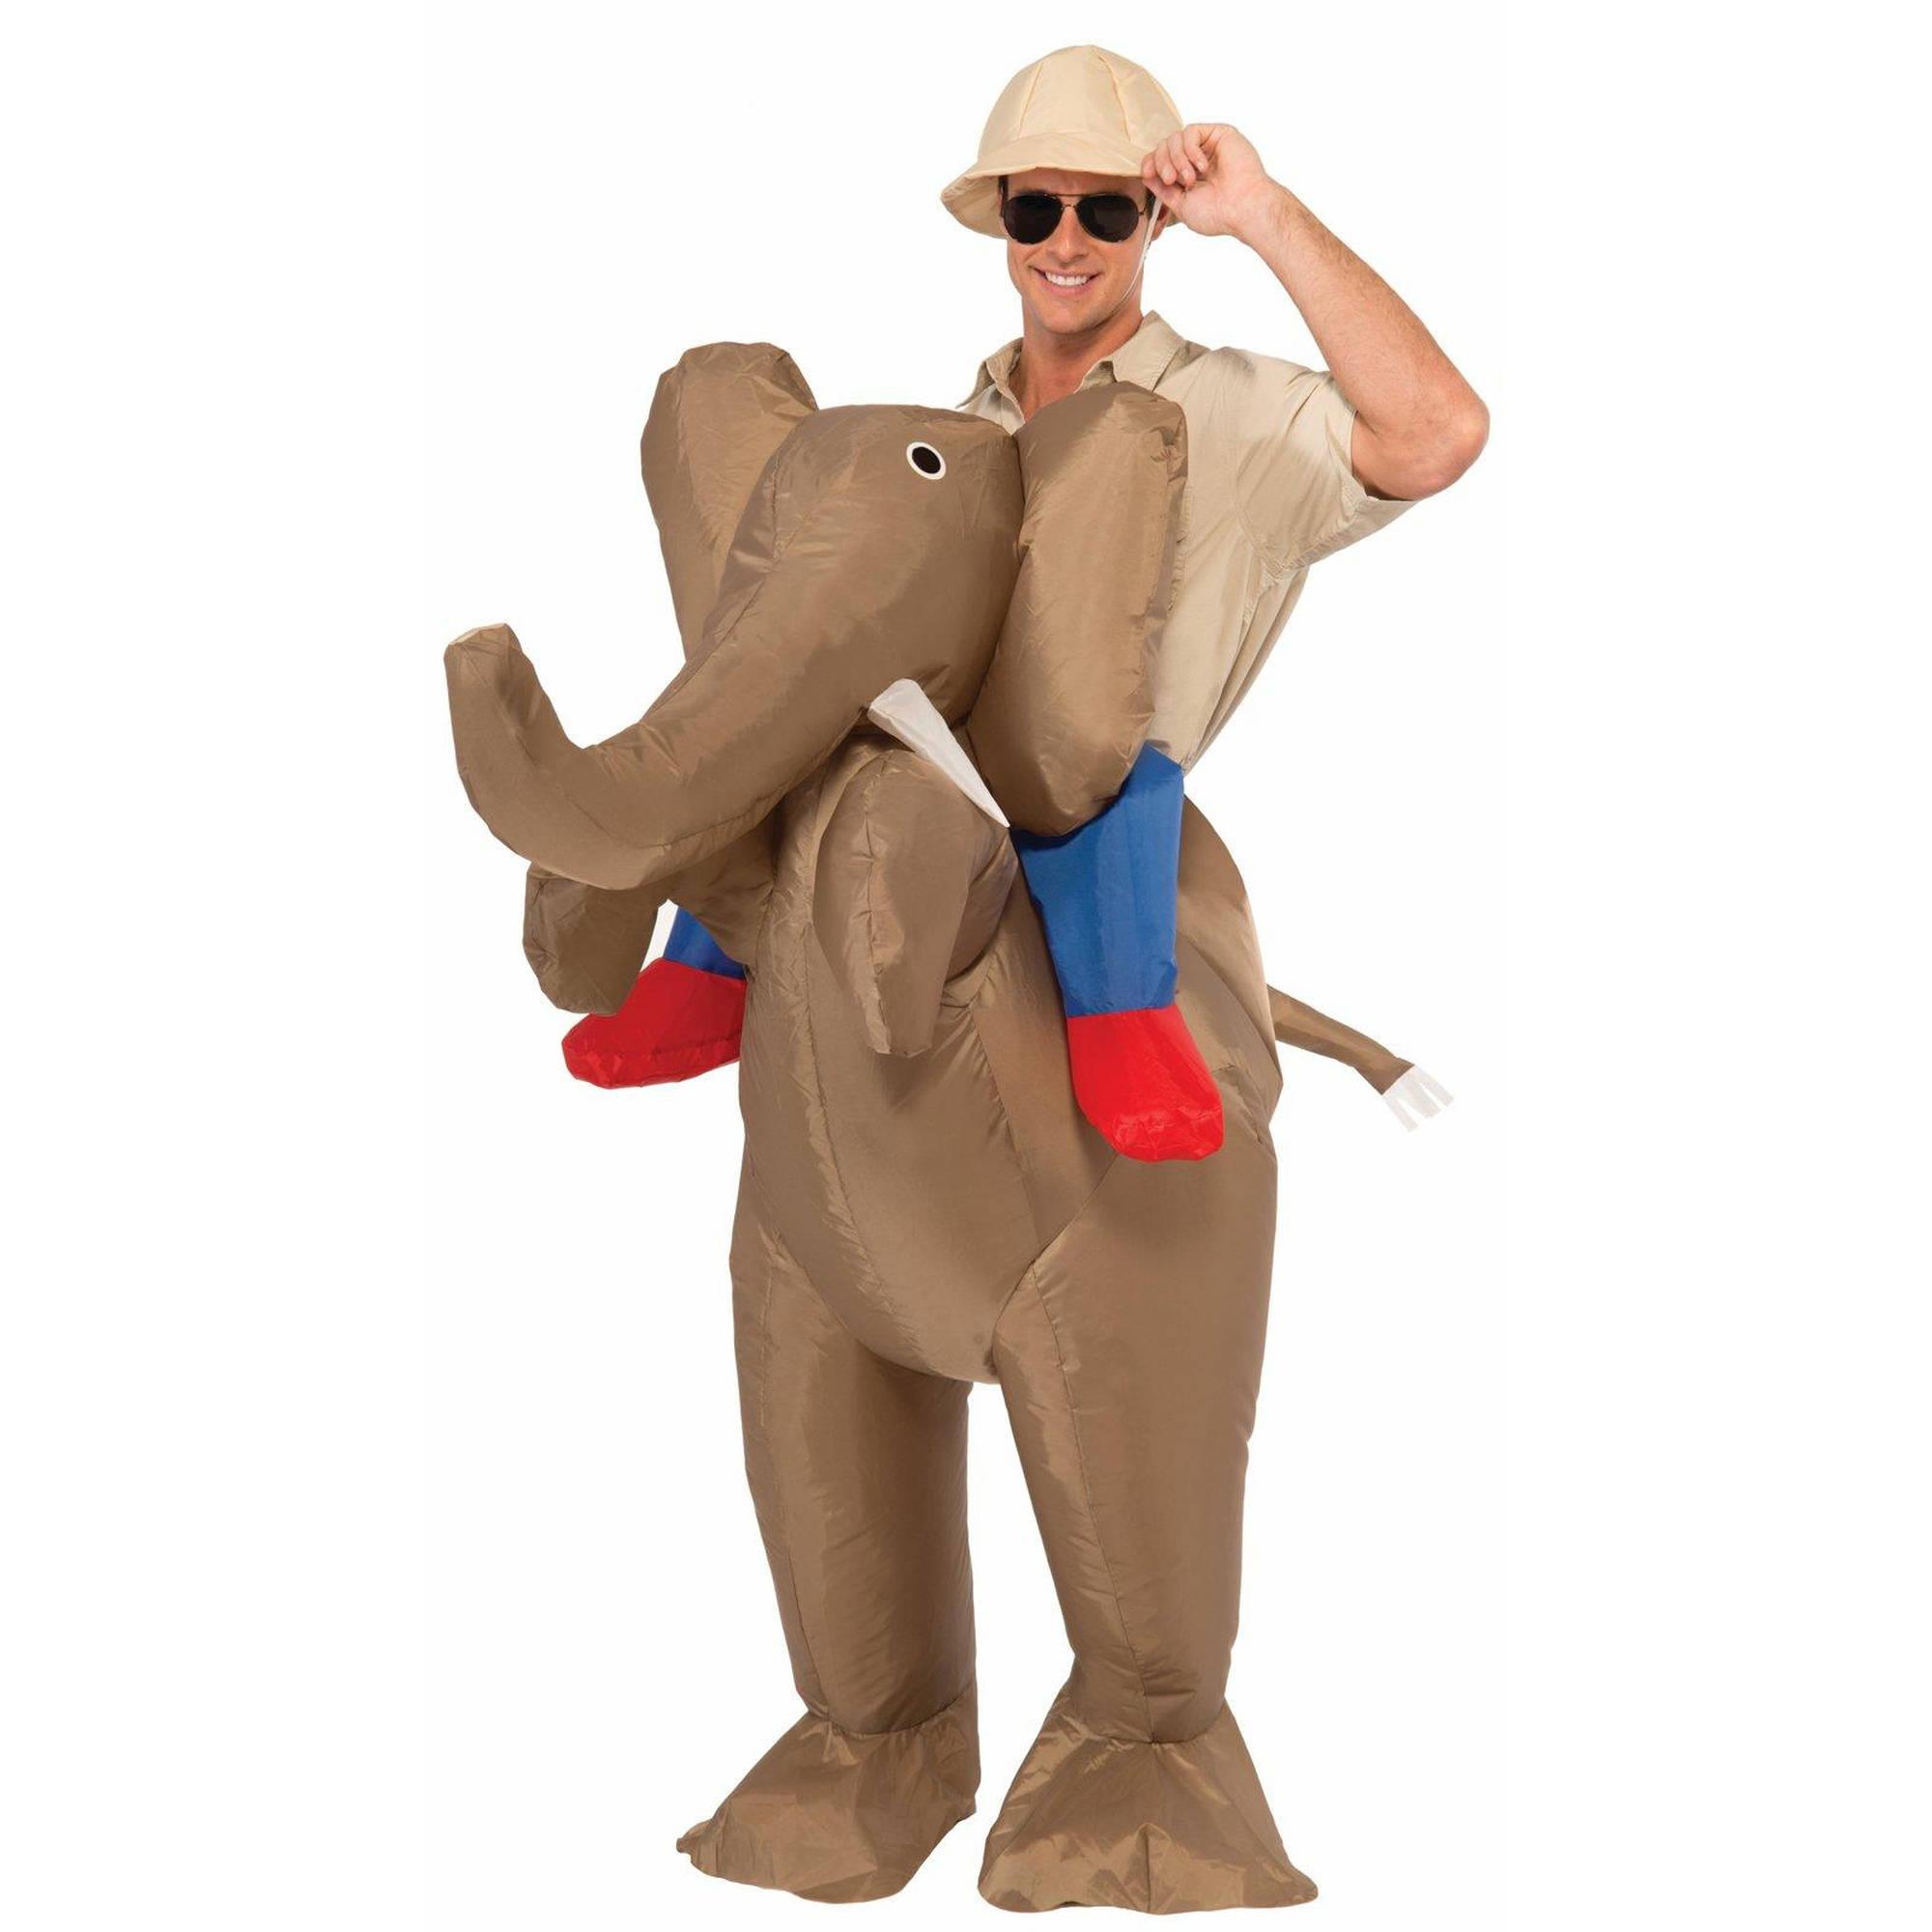 Inflatable Elephant Adult Halloween Costume, 1 Size